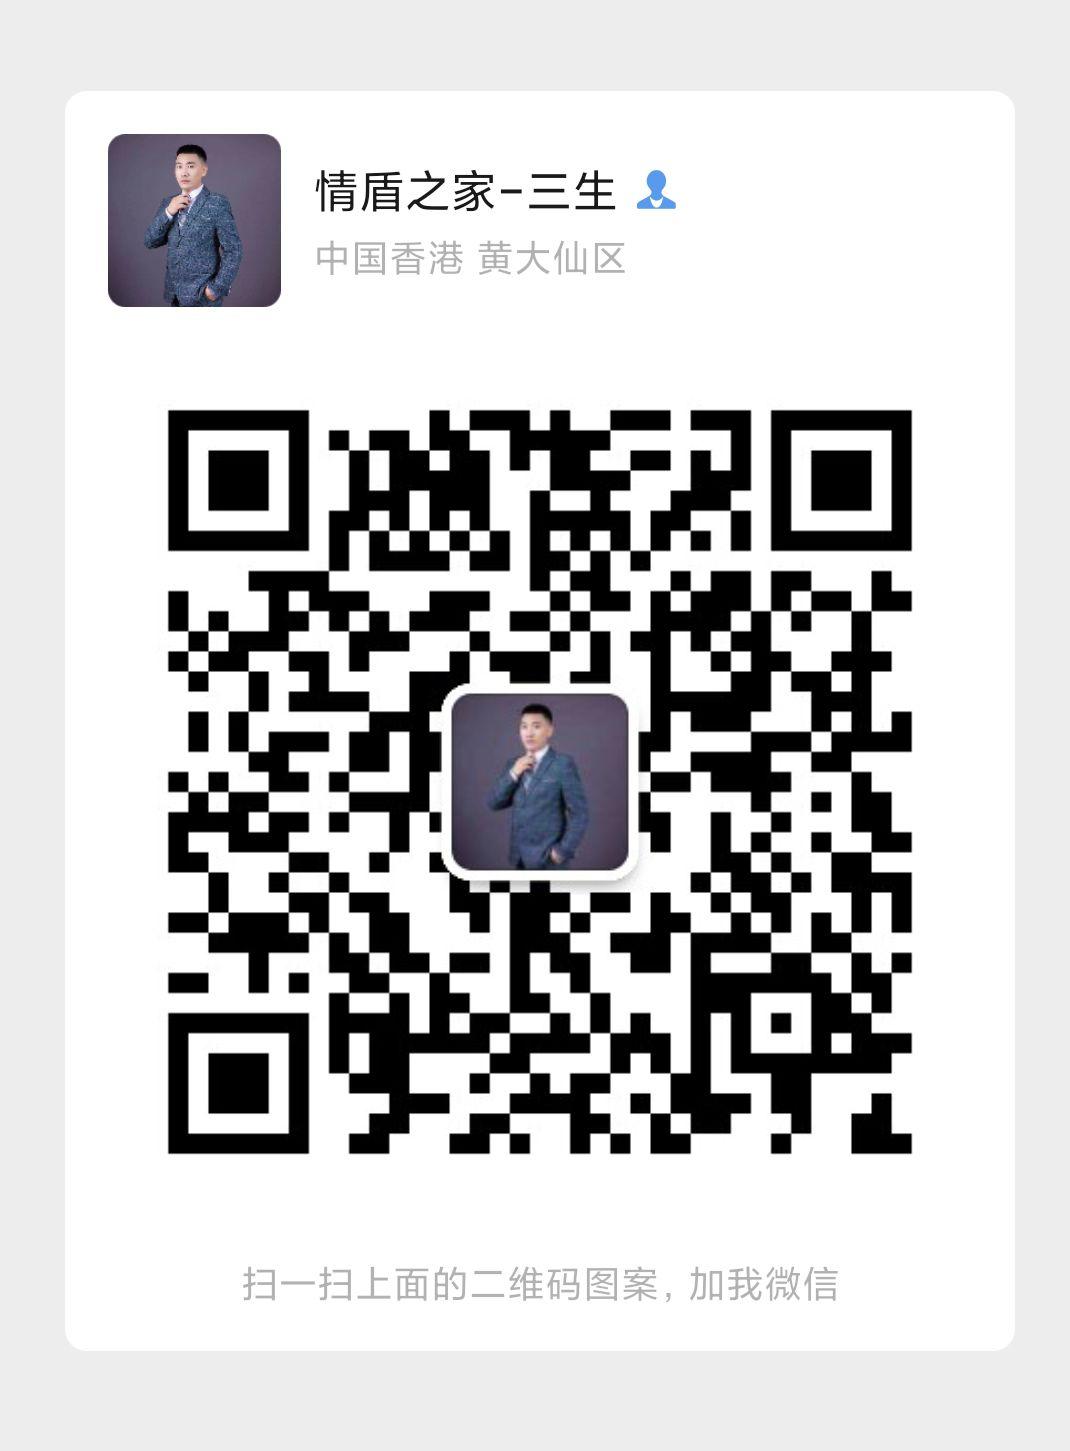 QQ图片20210701140108.jpg